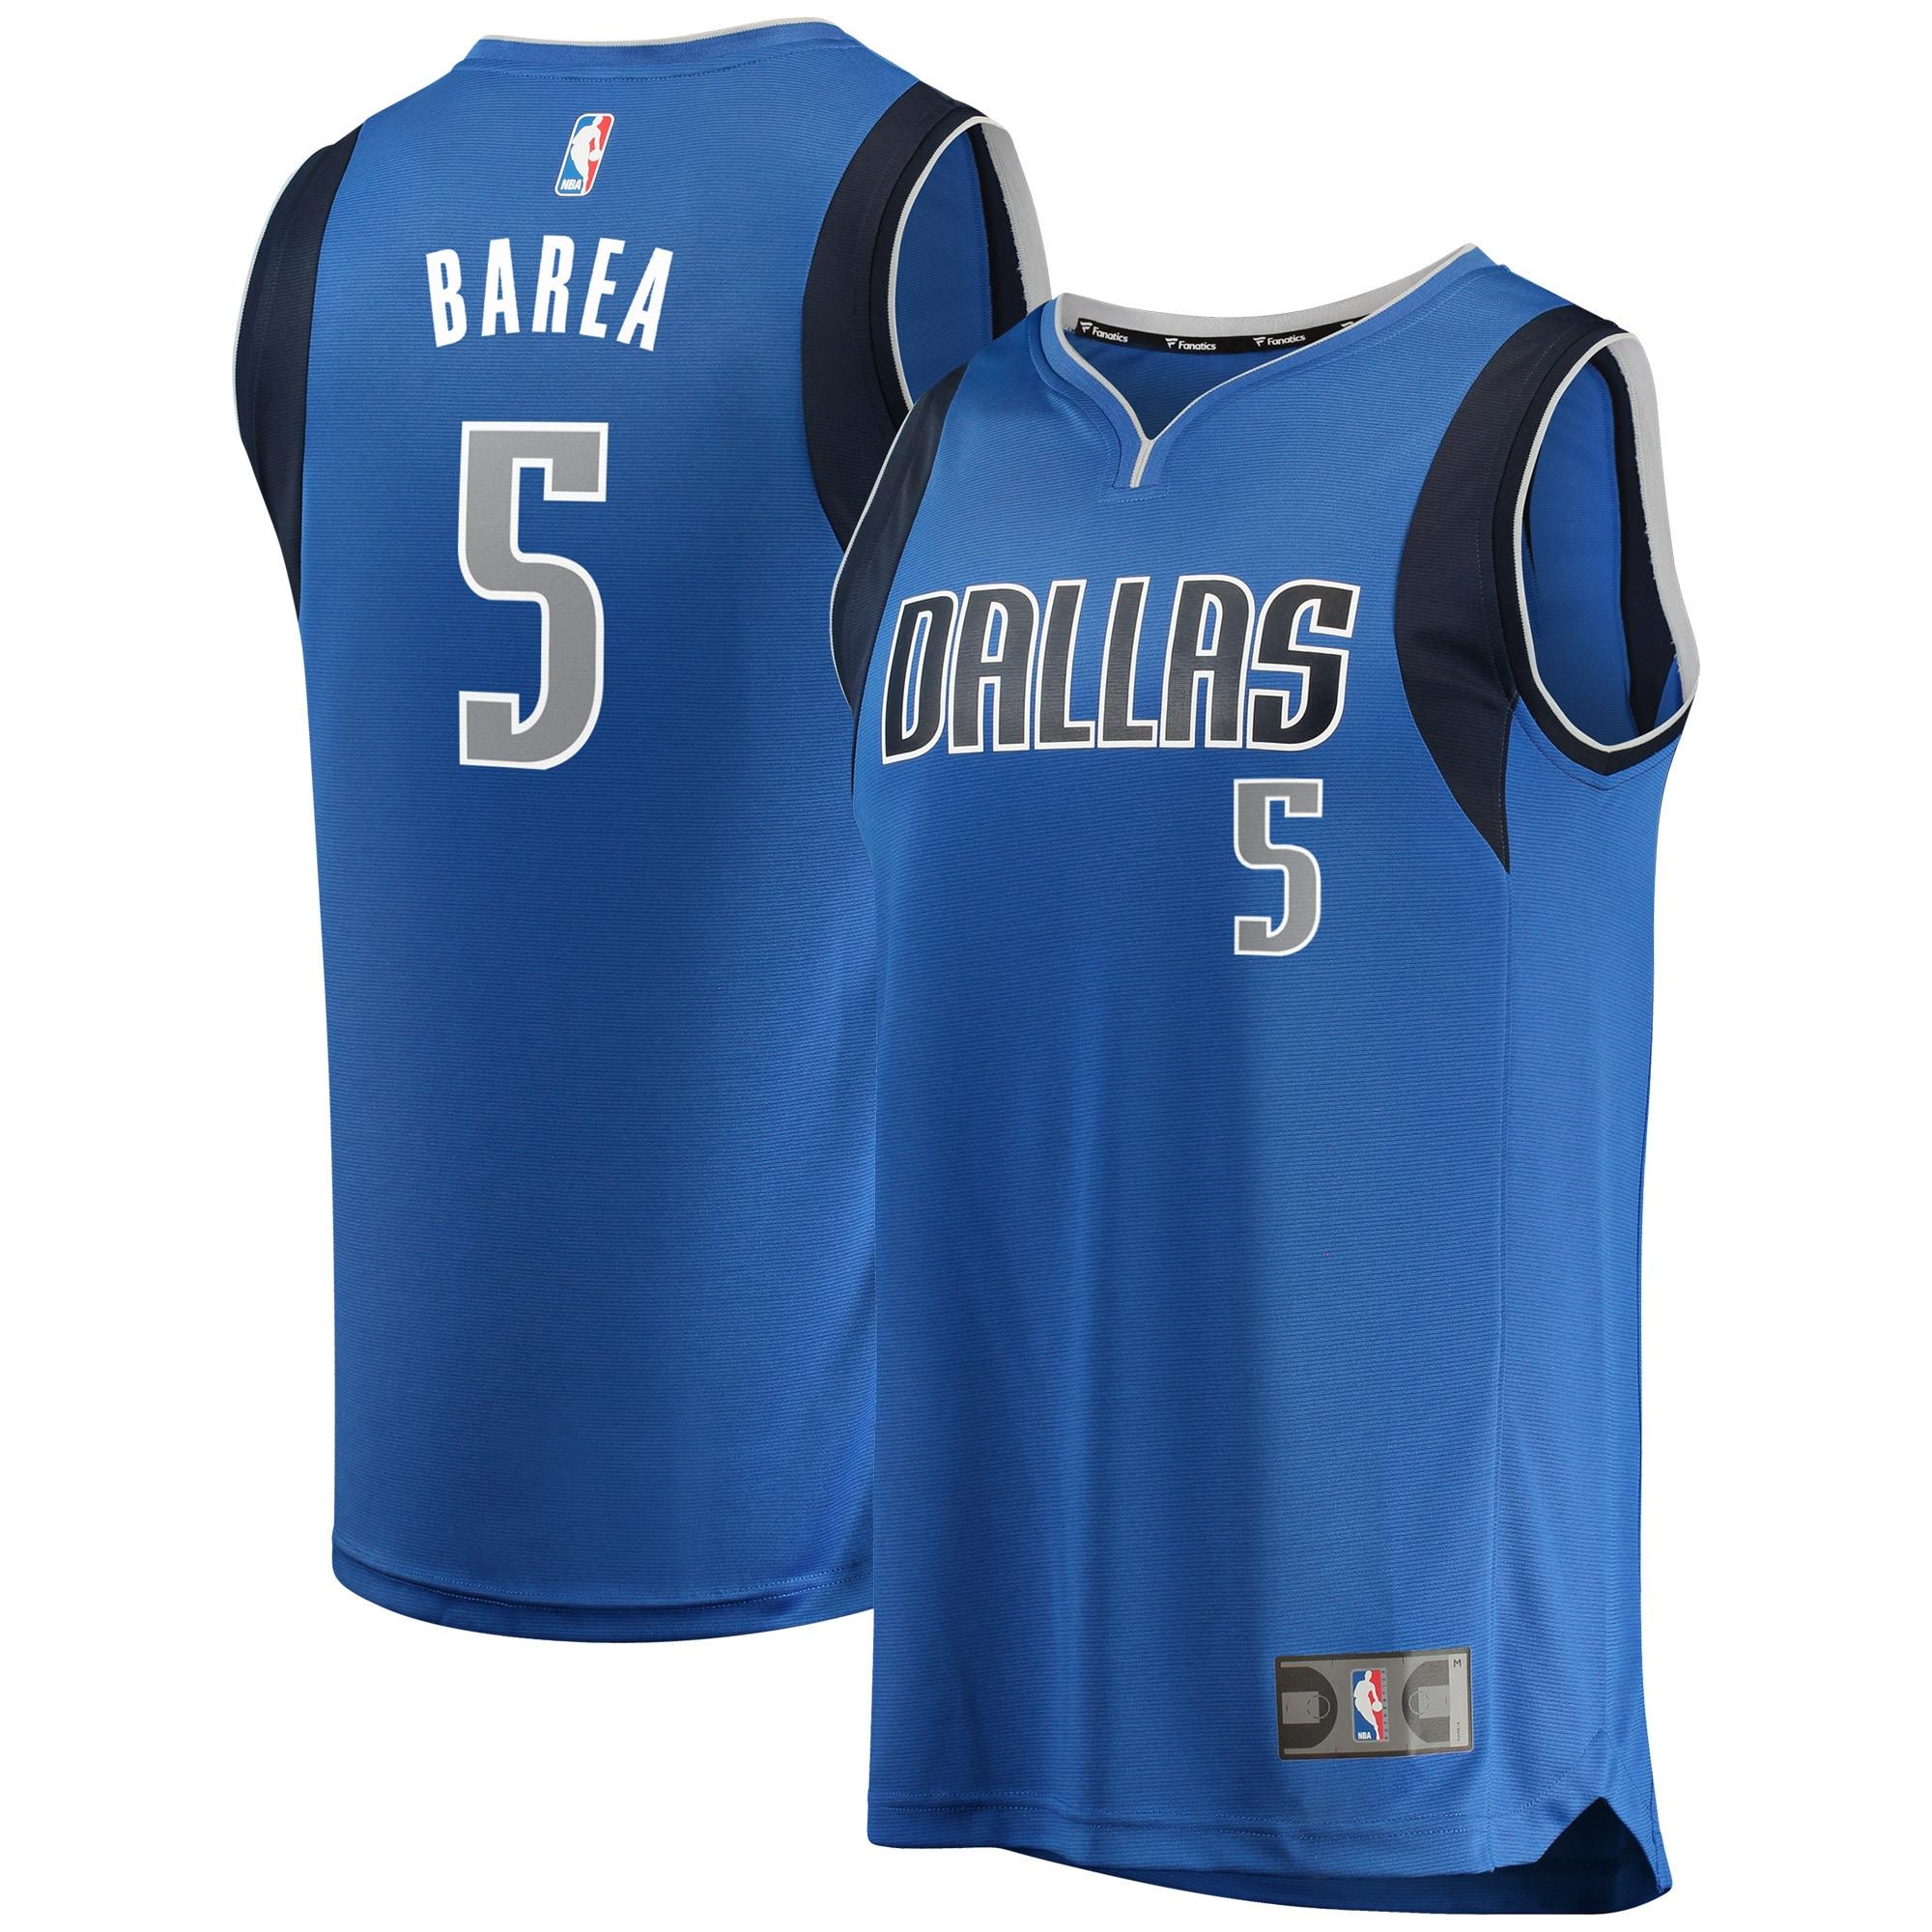 J.J. Barea Dallas Mavericks Fanatics Branded Fast Break Replica Team Color Player Jersey Royal - Icon Edition